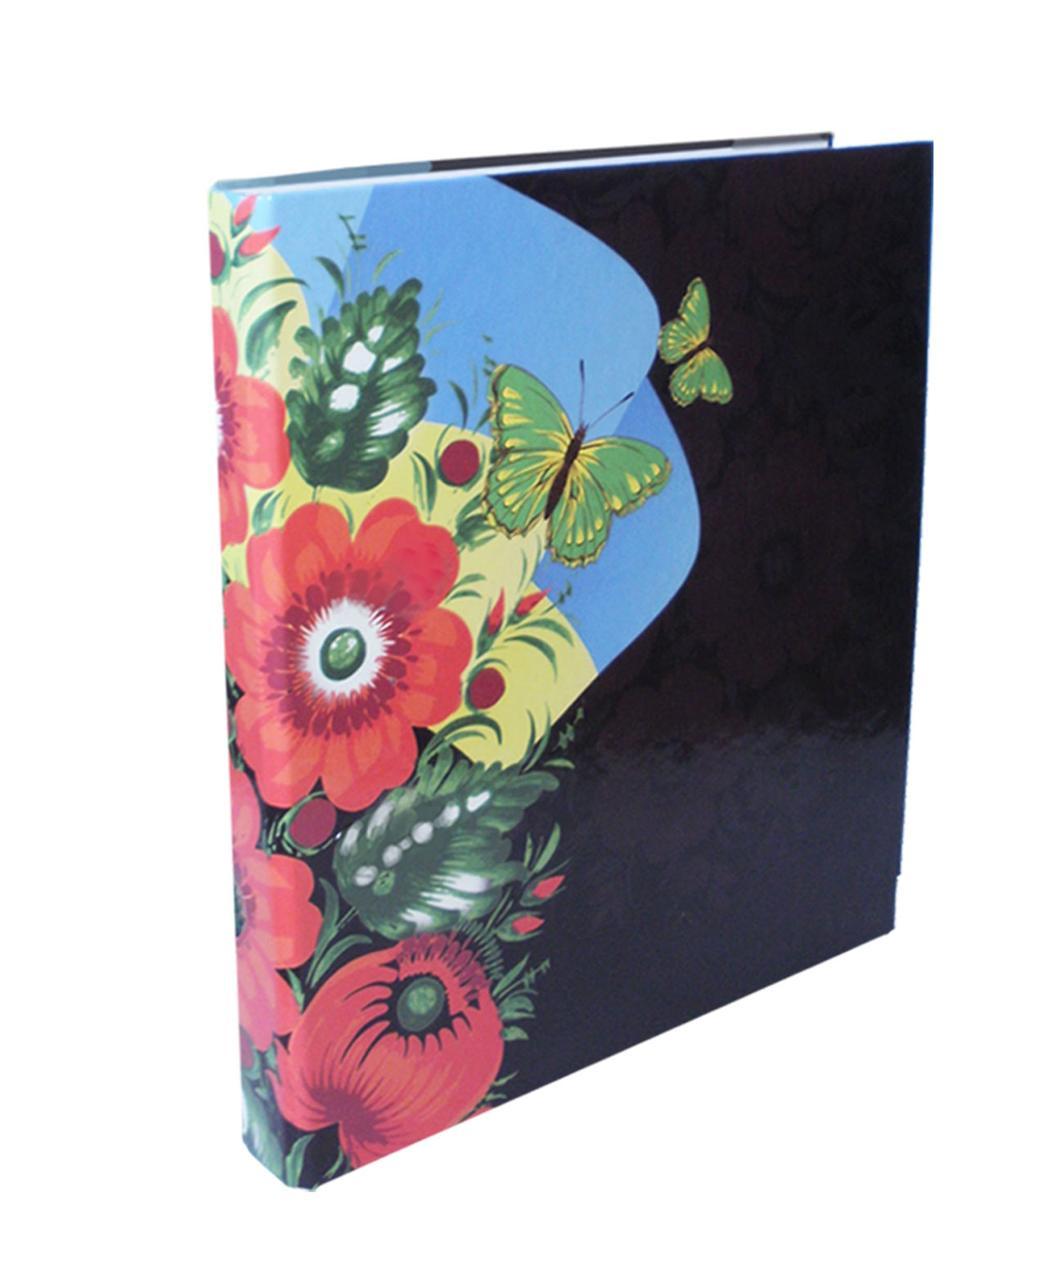 Папка с кольцами, 2 кольца, А4, 40 мм, полноцветная, PP-покрытие